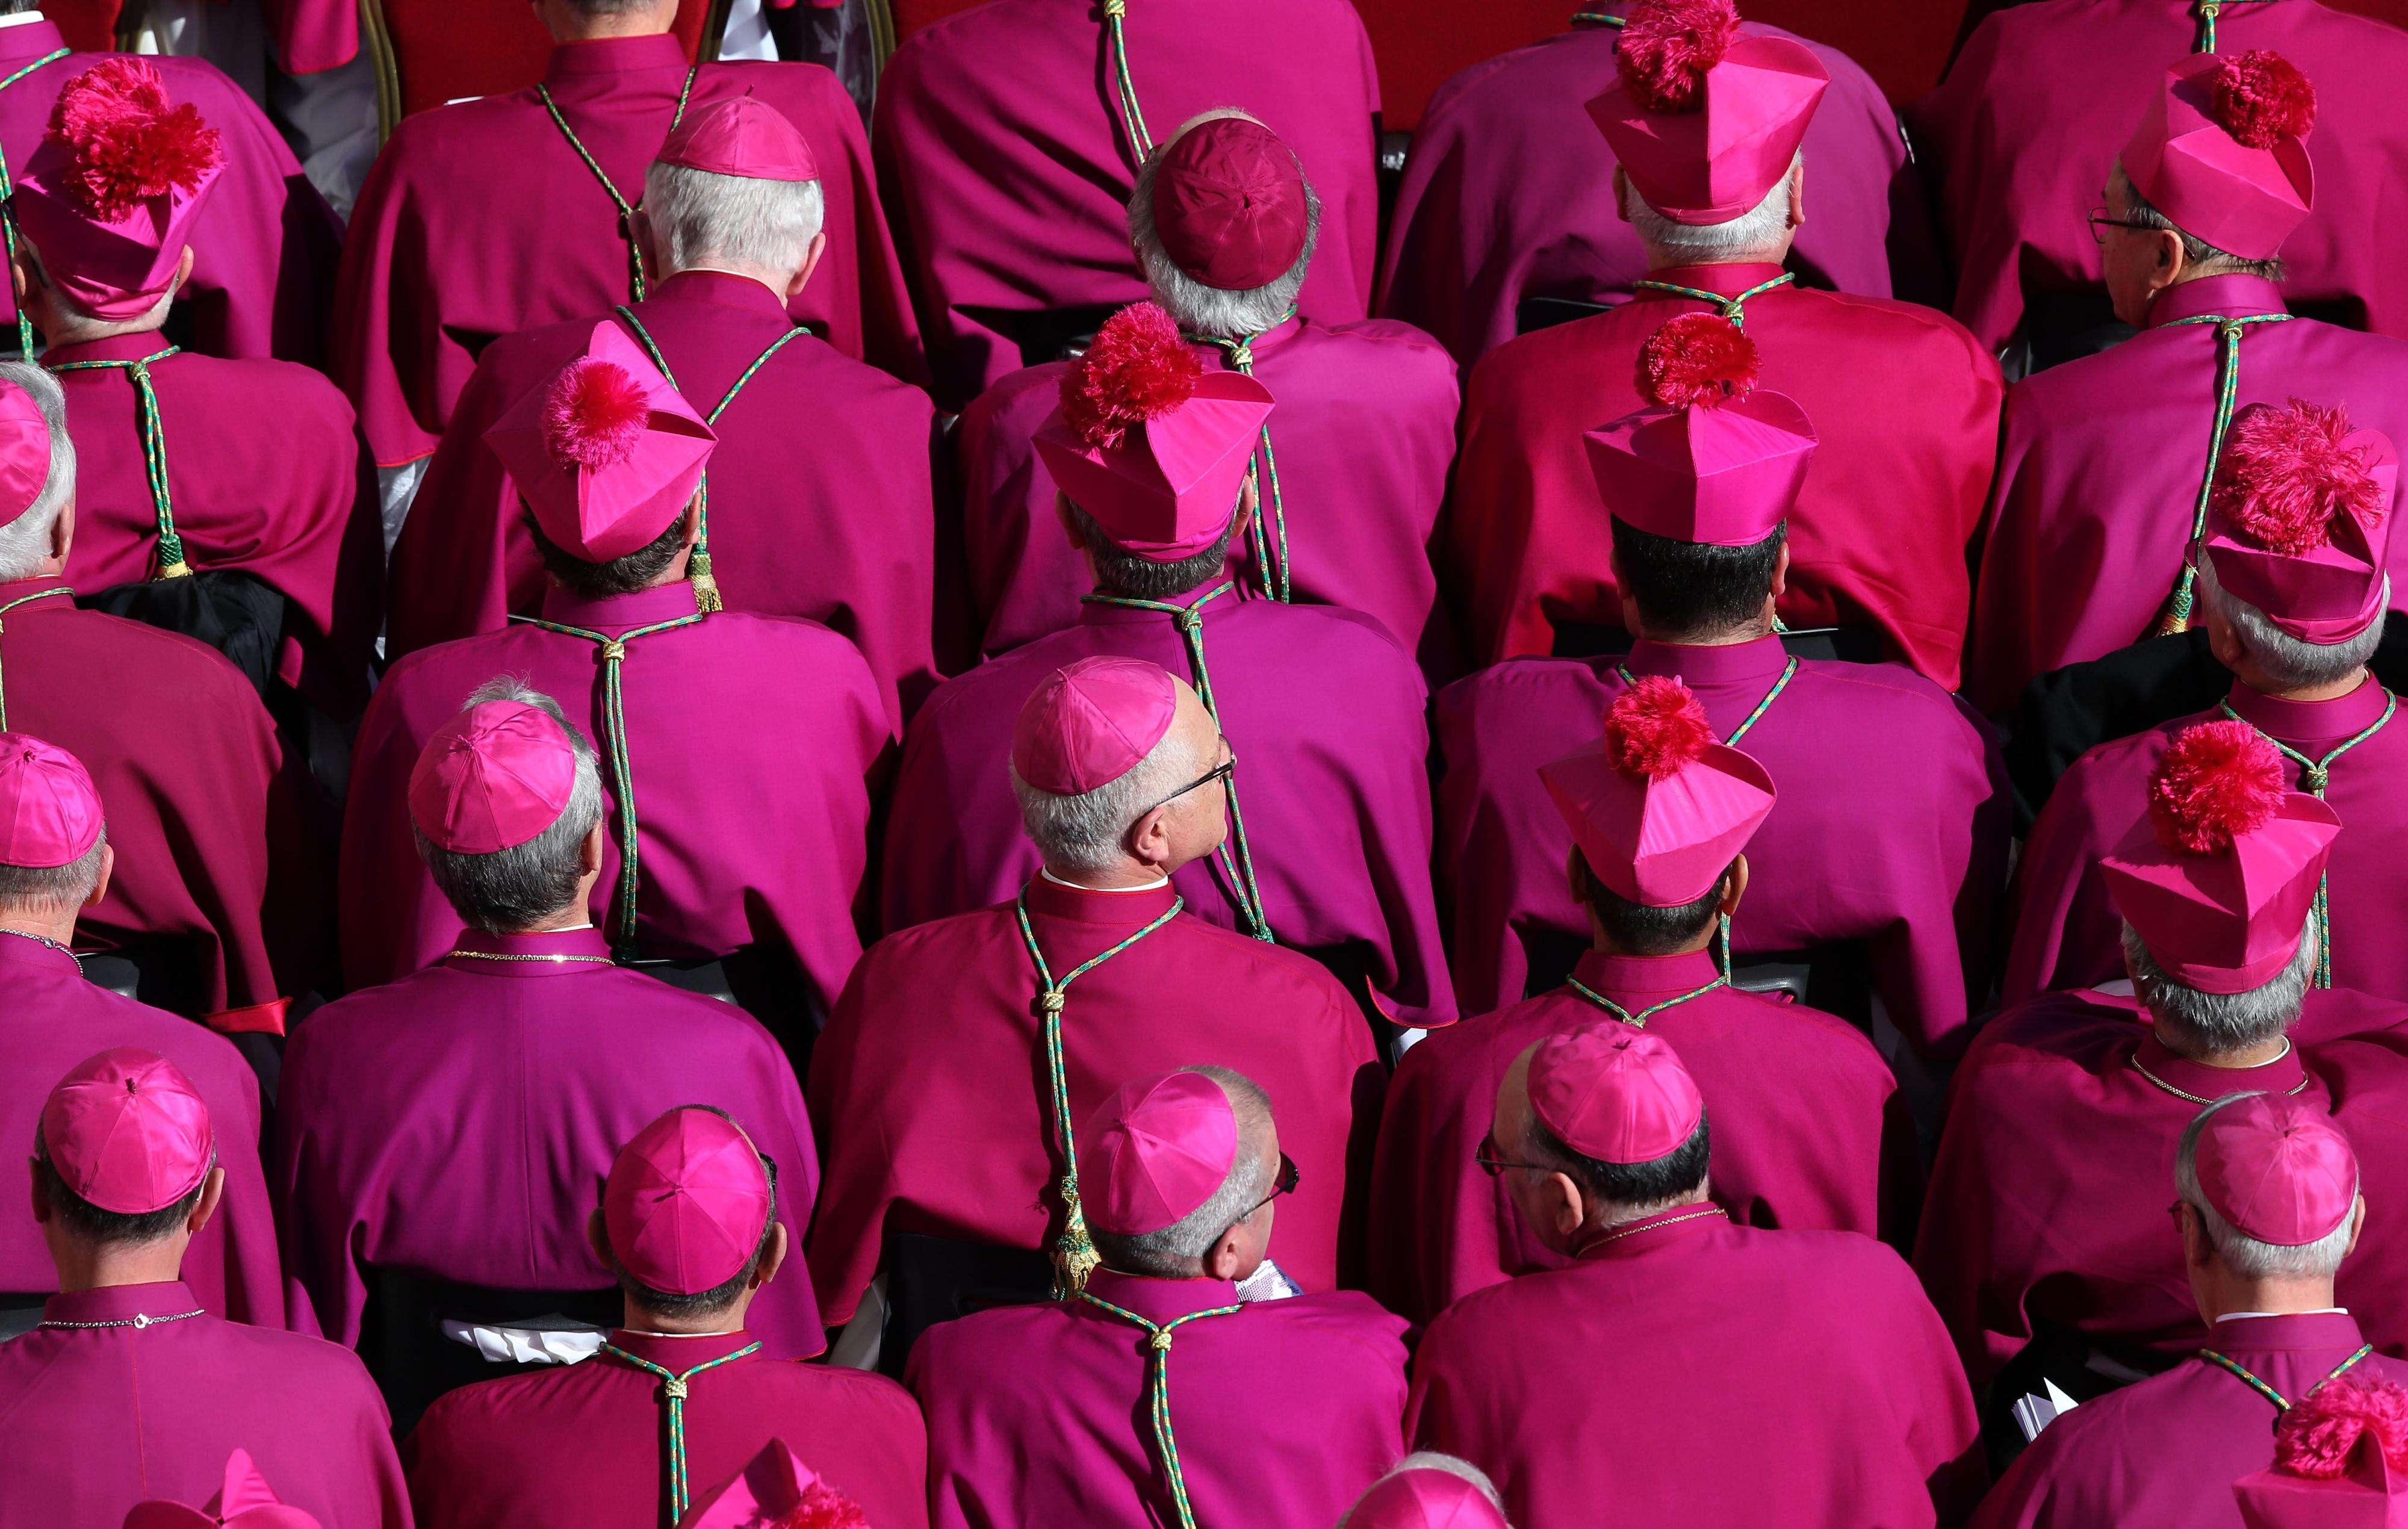 Obispos esperan en el Vaticano la ceremonia inaugural del papa Francisco el 19 de marzo de 2013. Foto: Getty Images